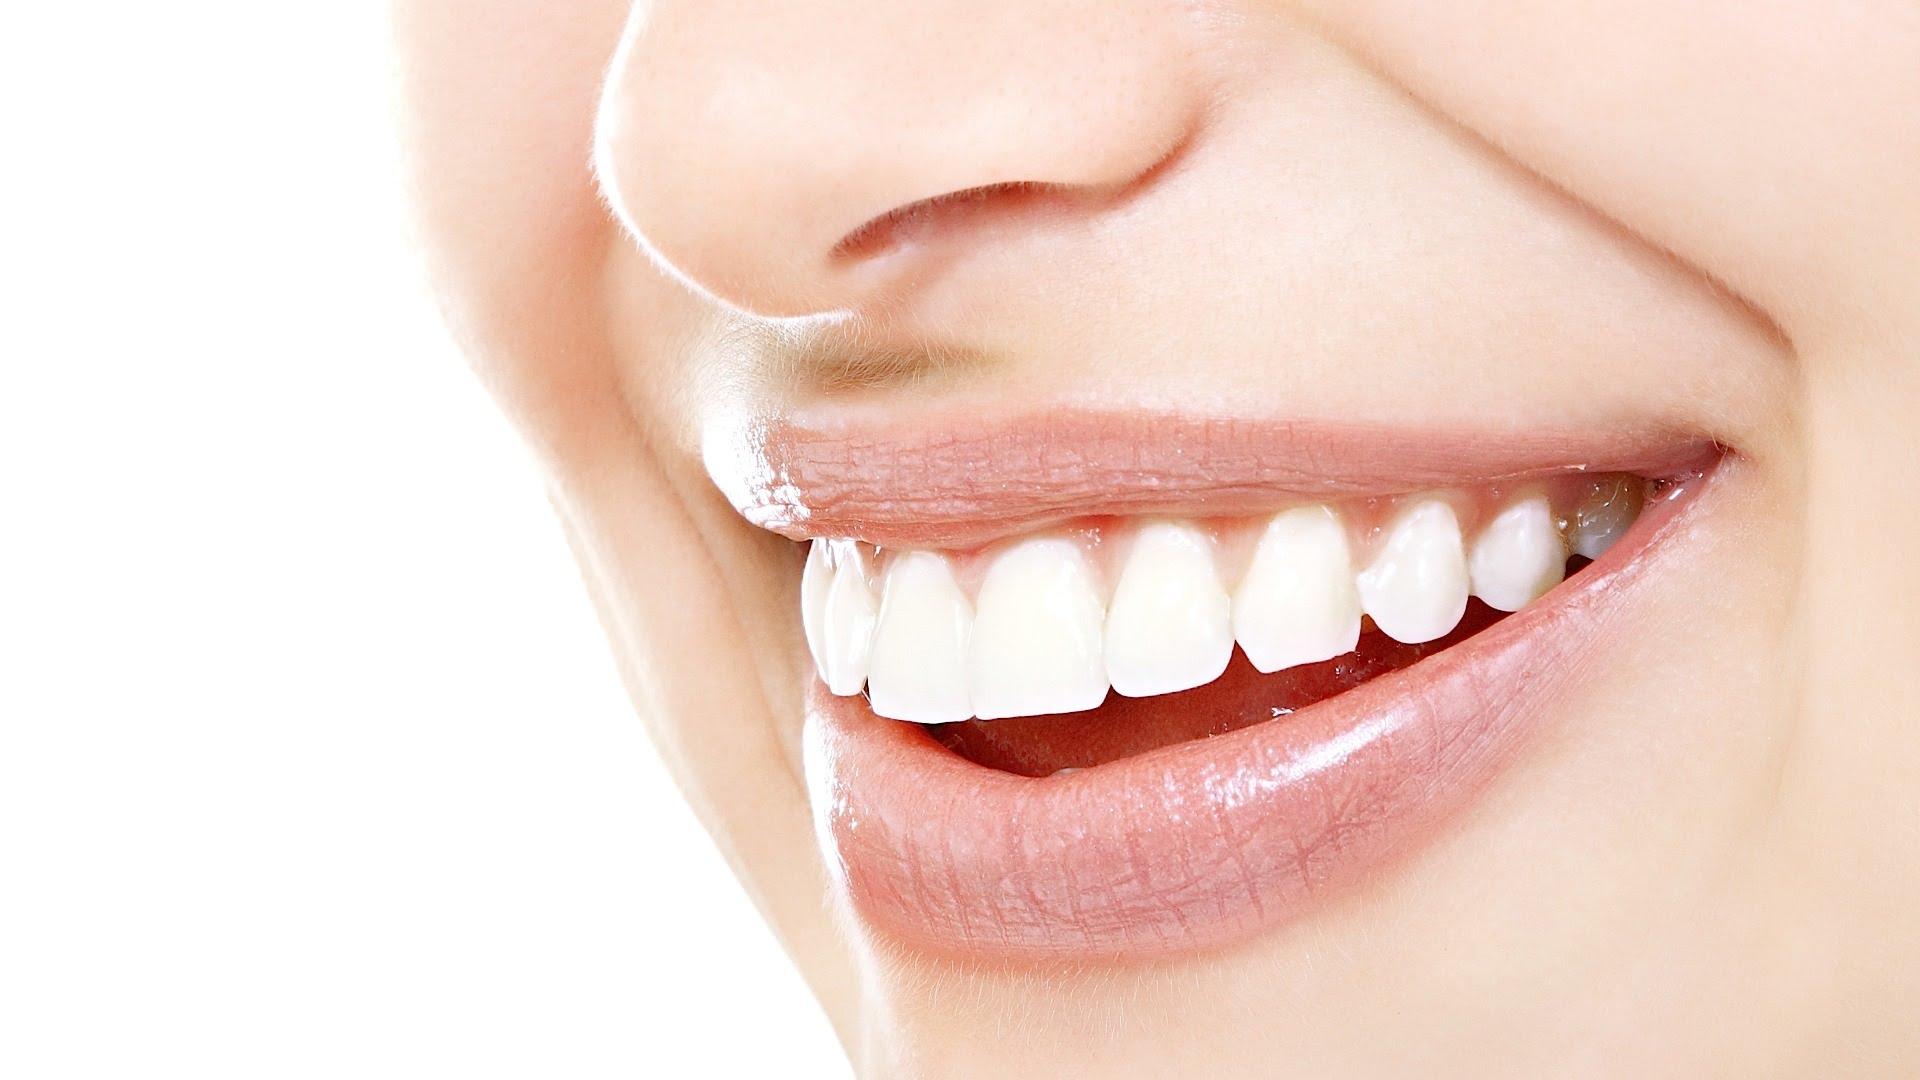 Foods to Keep Teeth Healthy